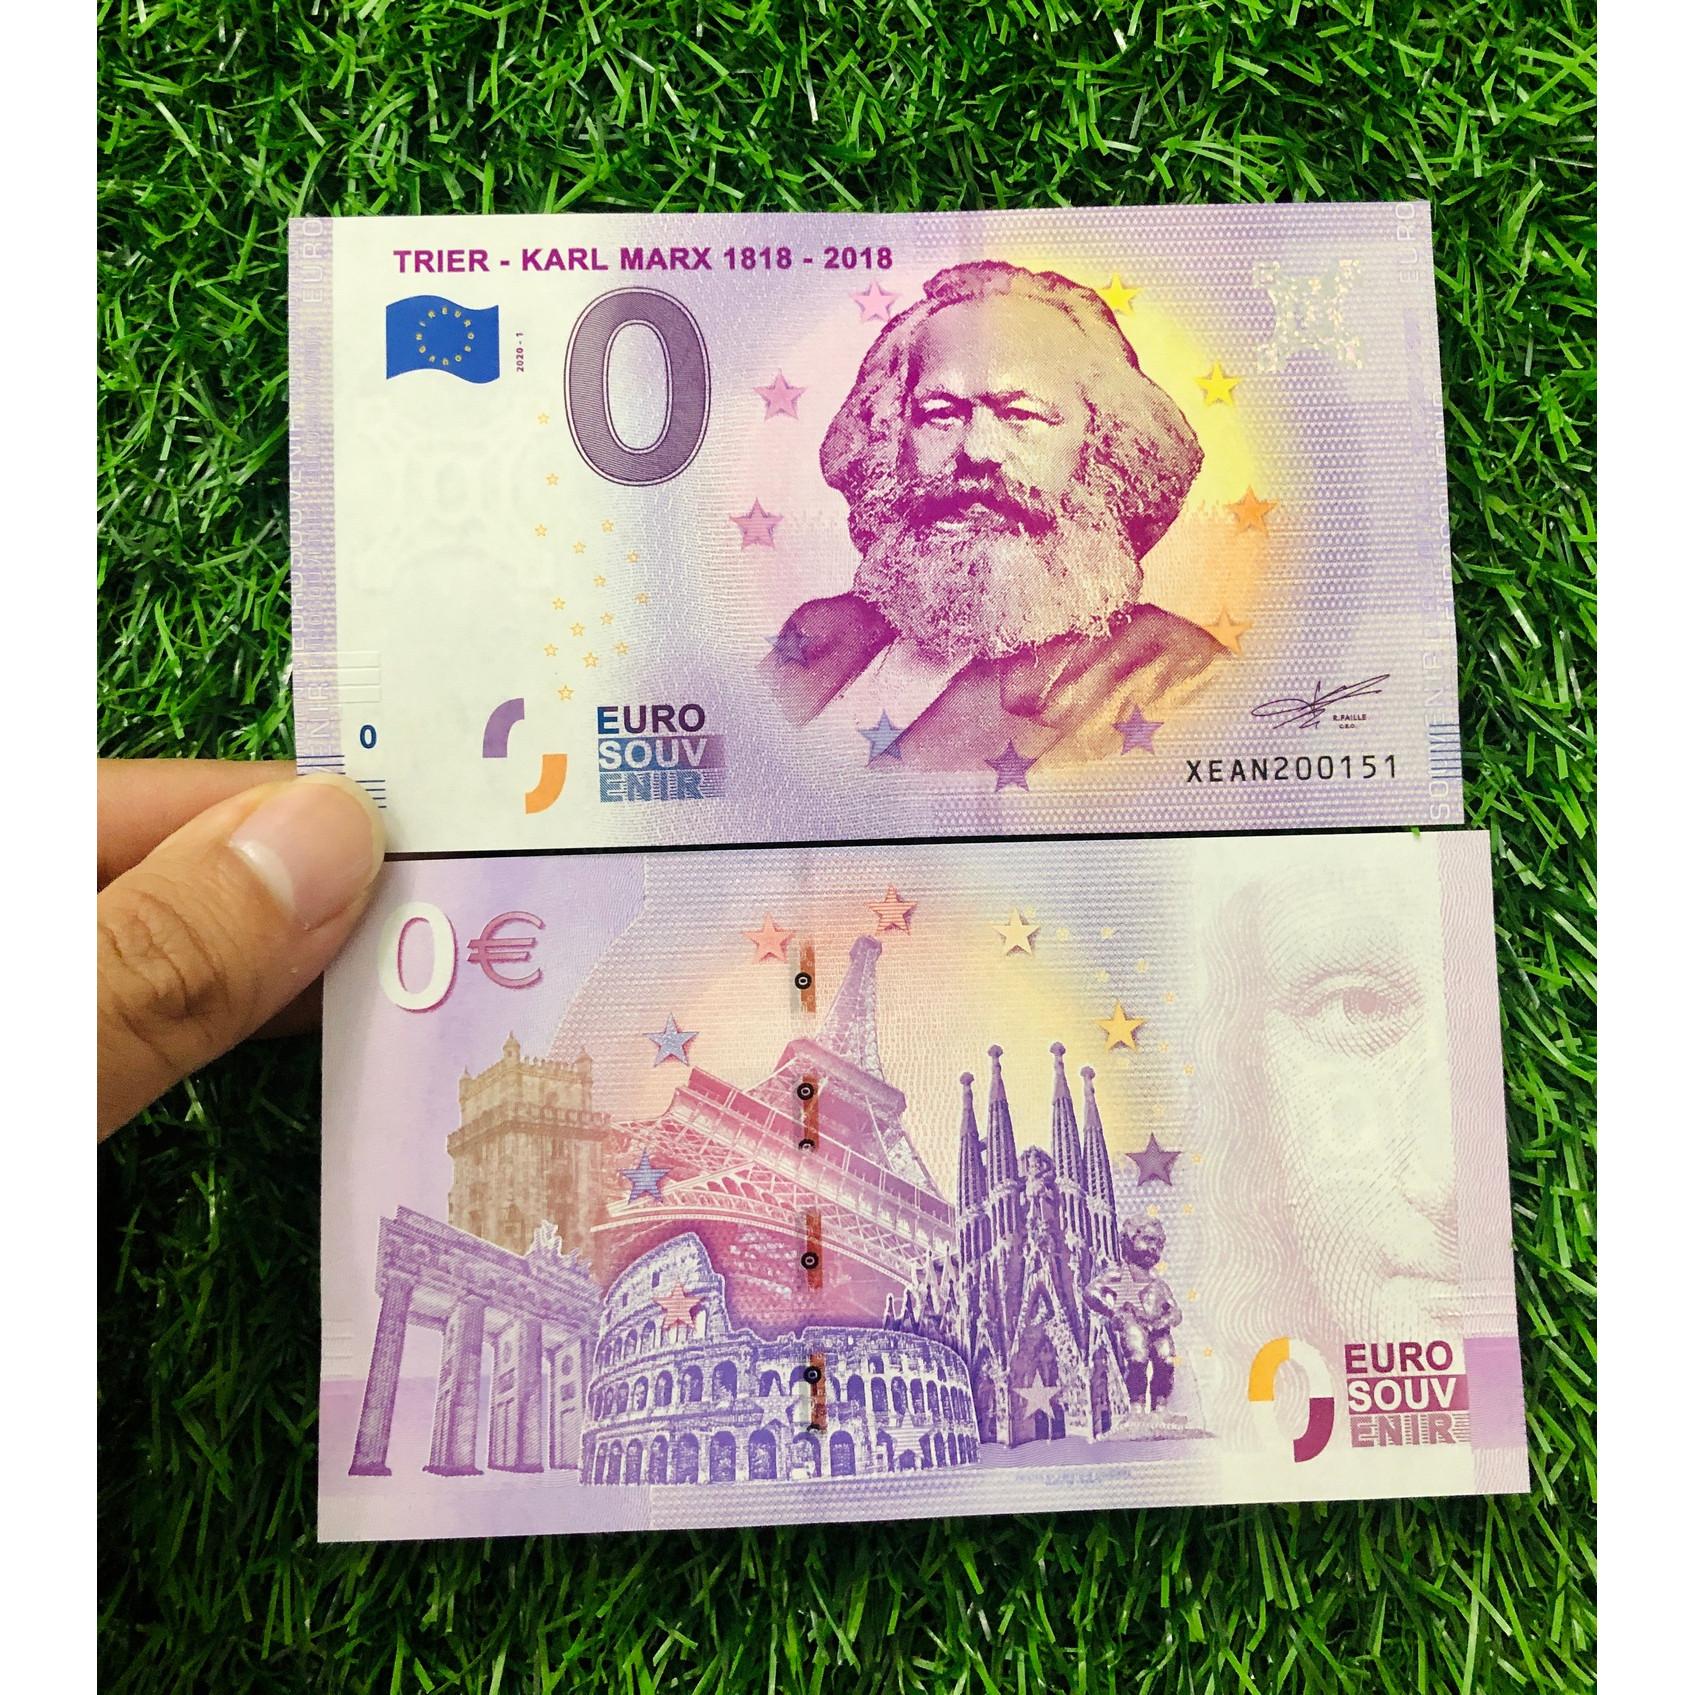 Tờ tiền lưu niệm 0 Euro có hình Karl Marx độc đáo - The Merrick Mint